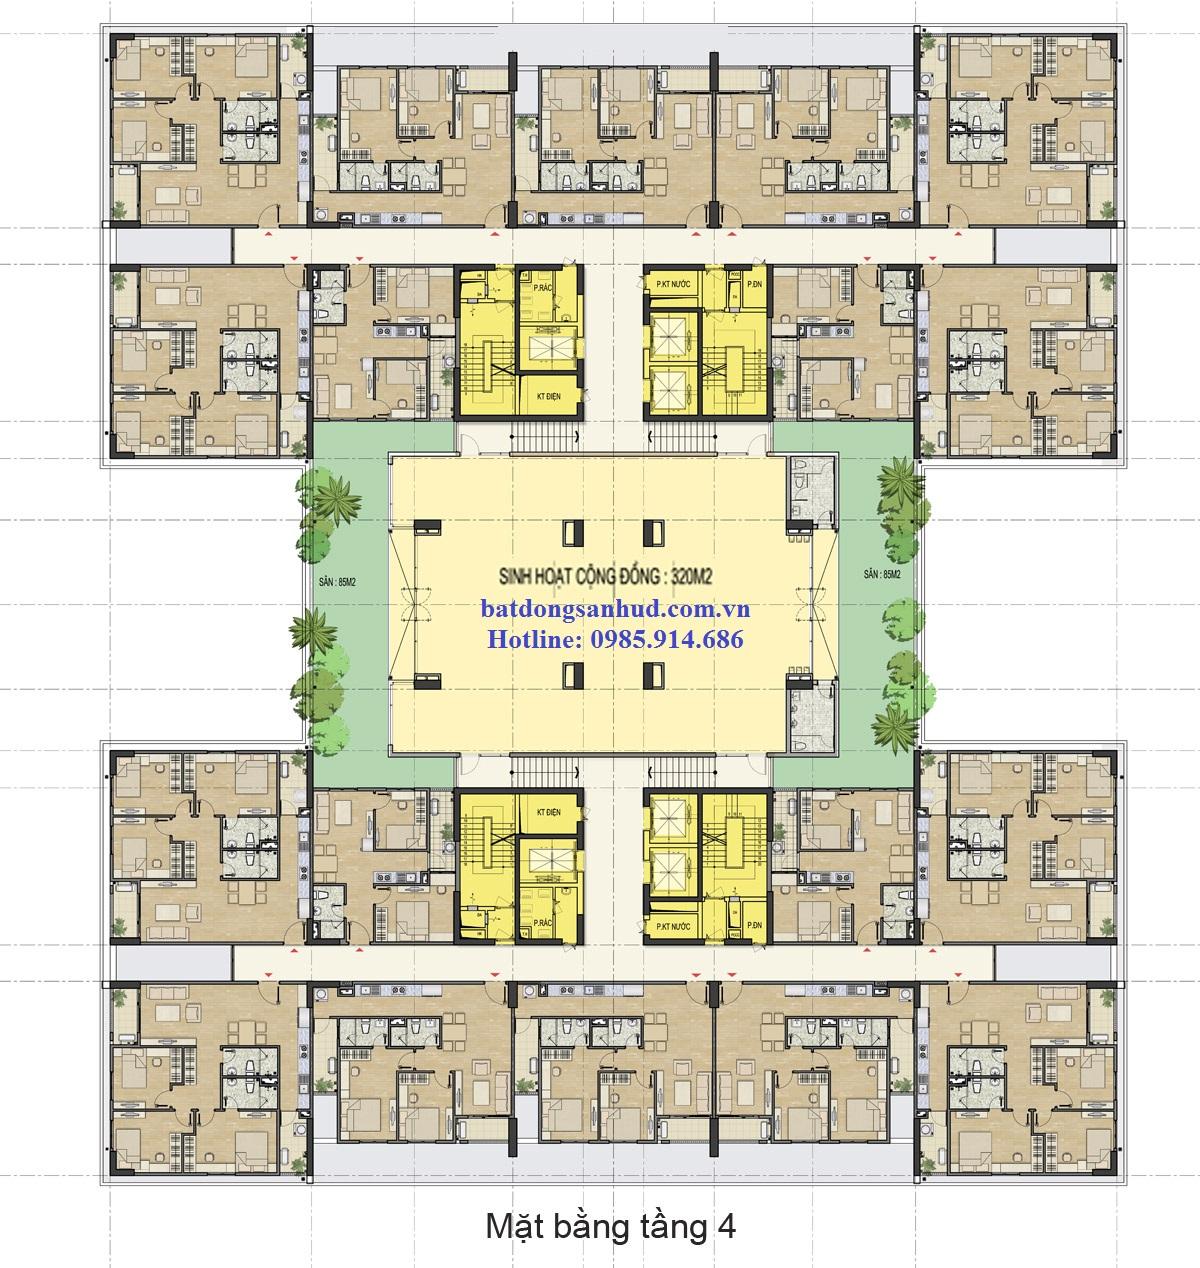 Mặt bằng tầng 4 chung cư HUD3 Nguyễn Đức Cảnh